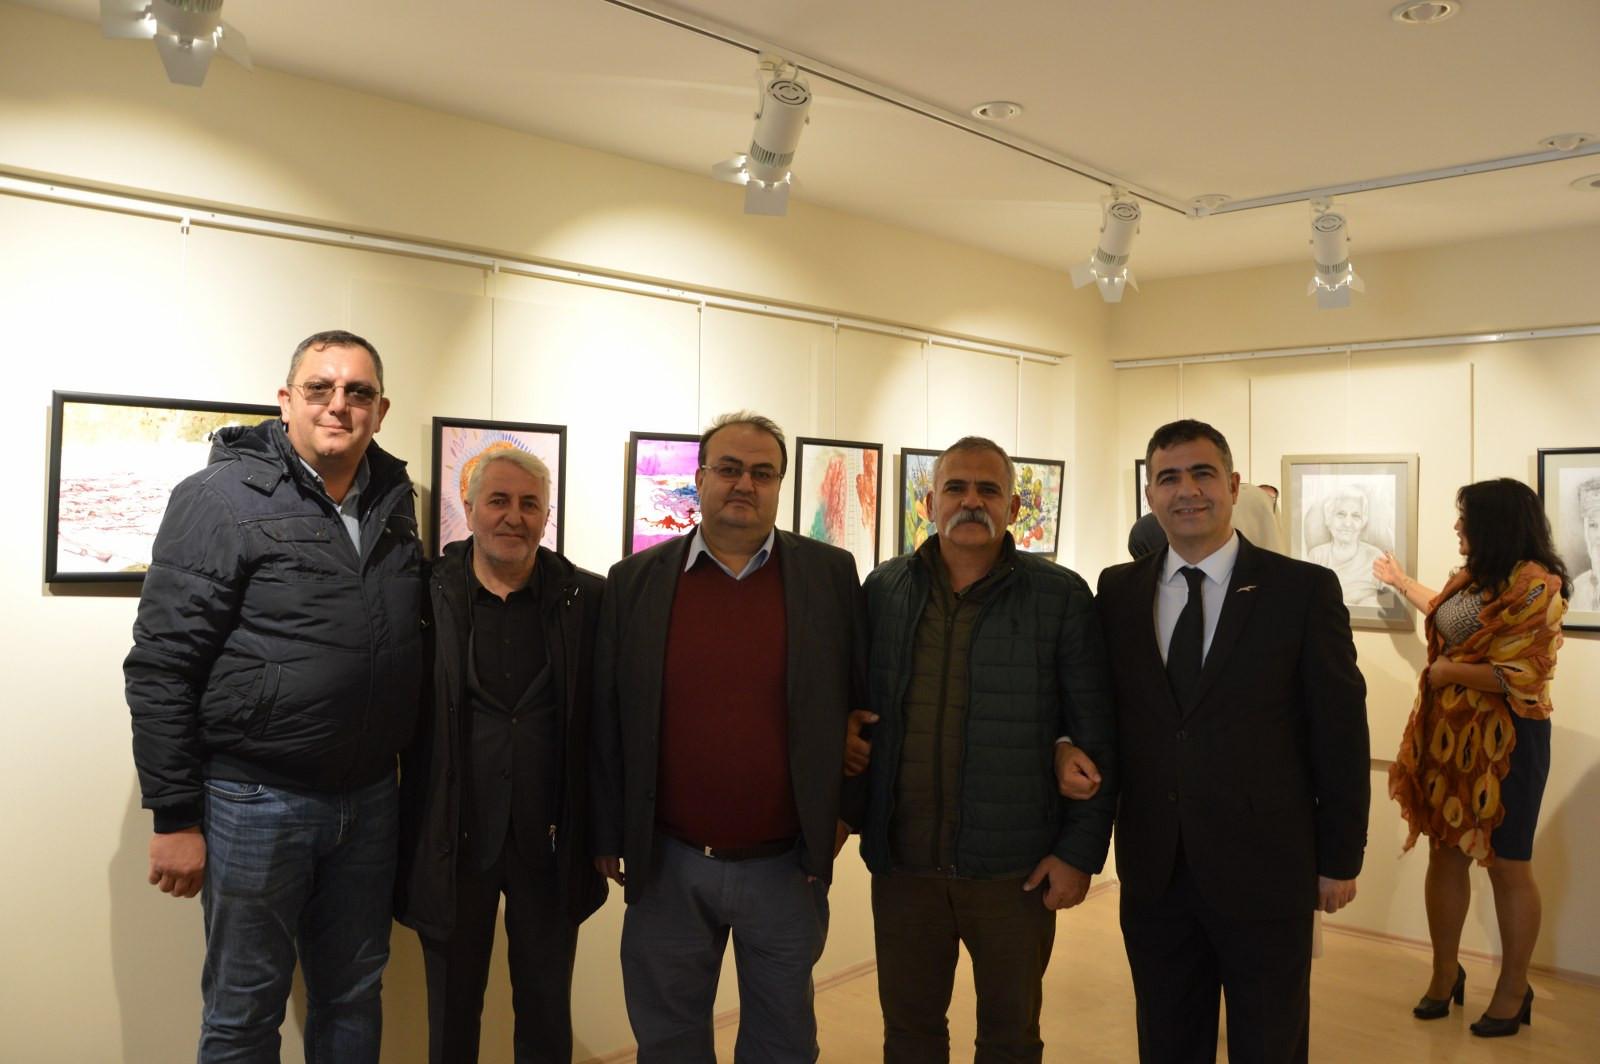 """İstanbul Büyükşehir Belediyesi'nin destekleriyle Kazıbekova'nın """"Cama İşlenen Sanat"""" sergisi Türk Dünyası Kültür Mahallesi'nde açıldı Galeri - 10. Resim"""